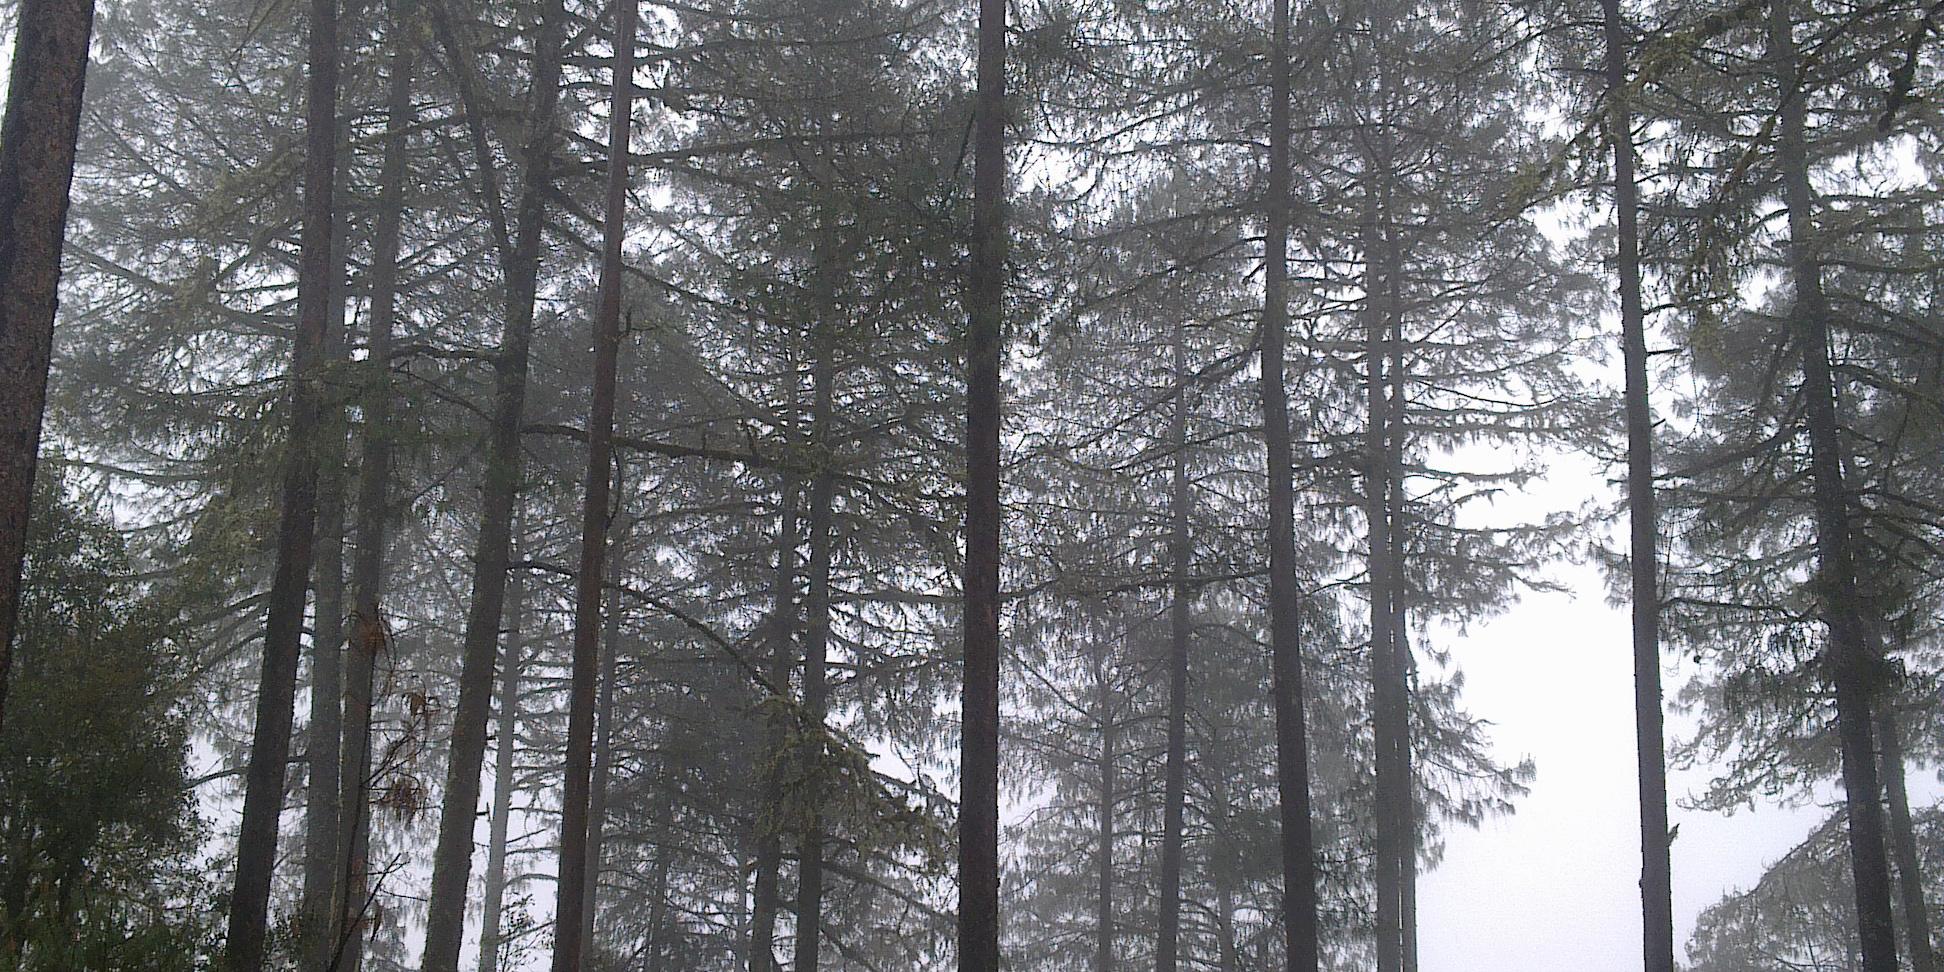 De potencia forestal a cuna de la tala ilegal | El Imparcial de Oaxaca